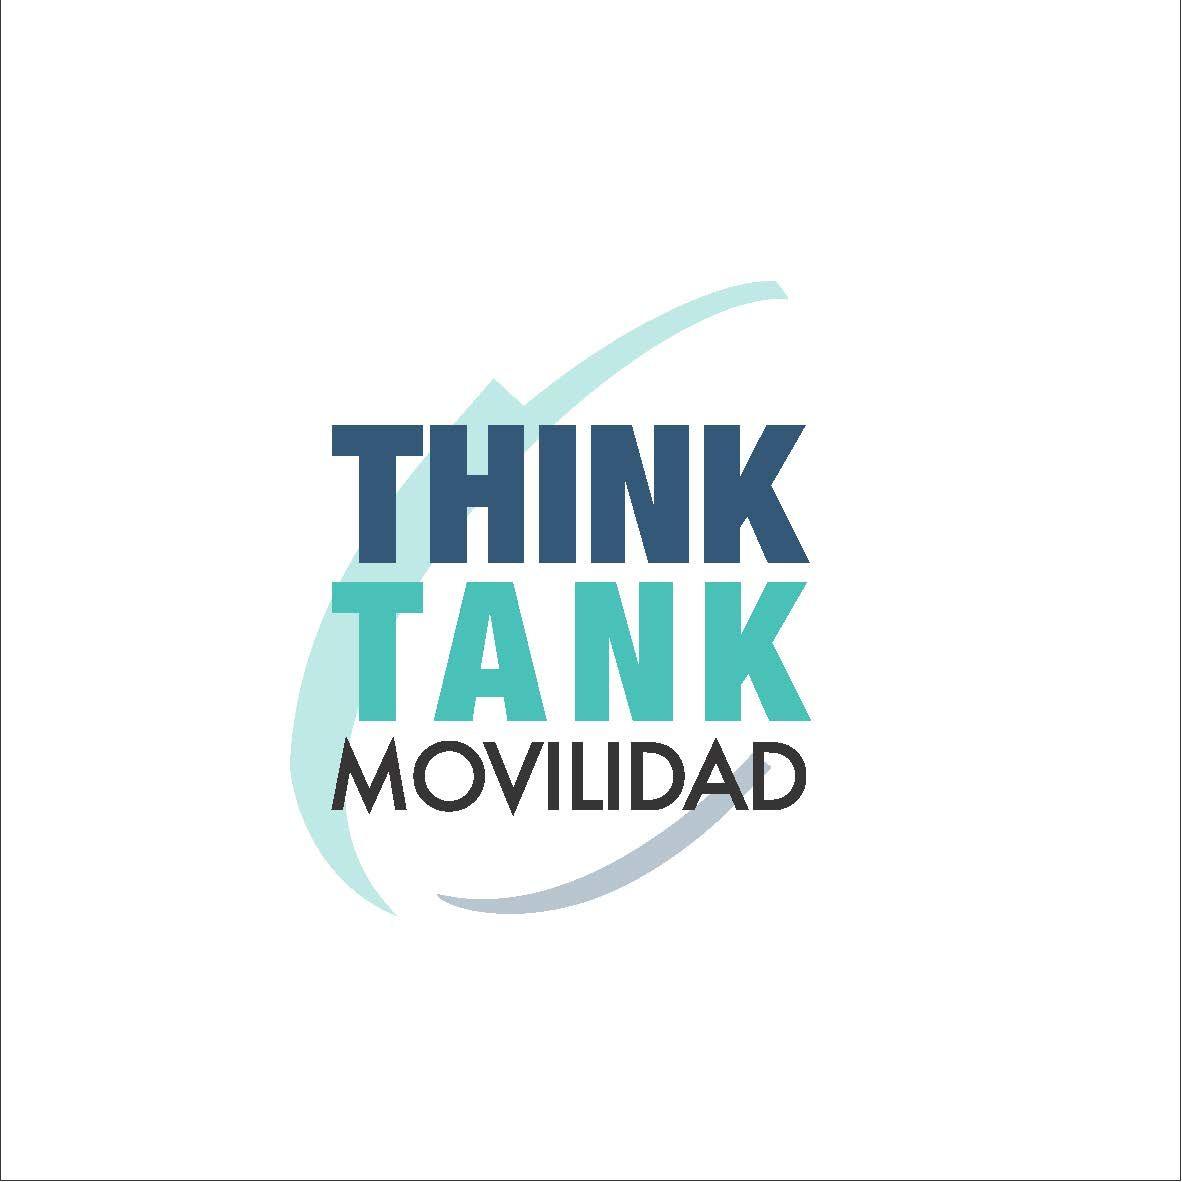 Fotografia Think Tank Movilidad de la Fundación Corell